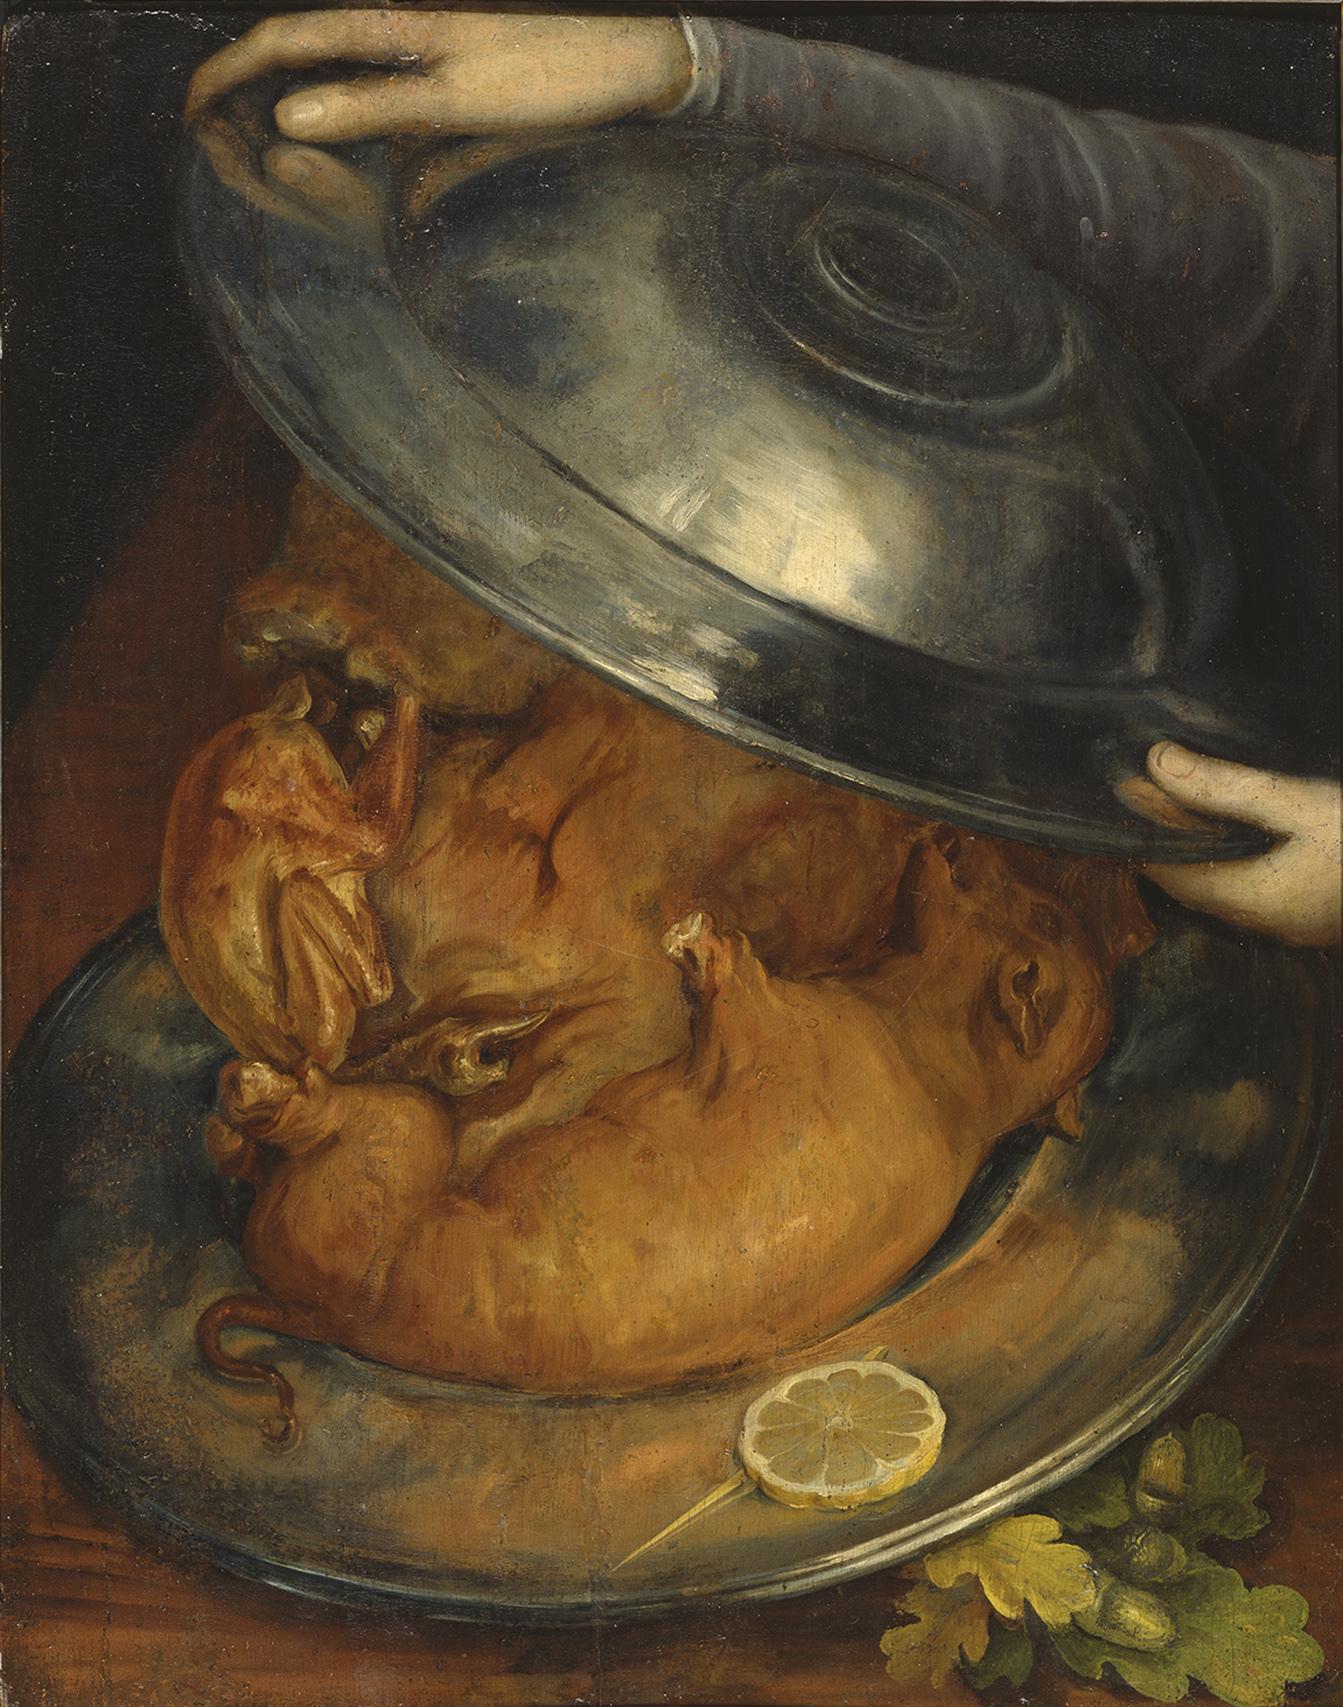 ジュゼッペ・アルチンボルド《コック/肉》 1570年頃 油彩/板 ストックホルム国立美術館蔵  ©Photo: Bodil Karlsson/Nationalmuseum